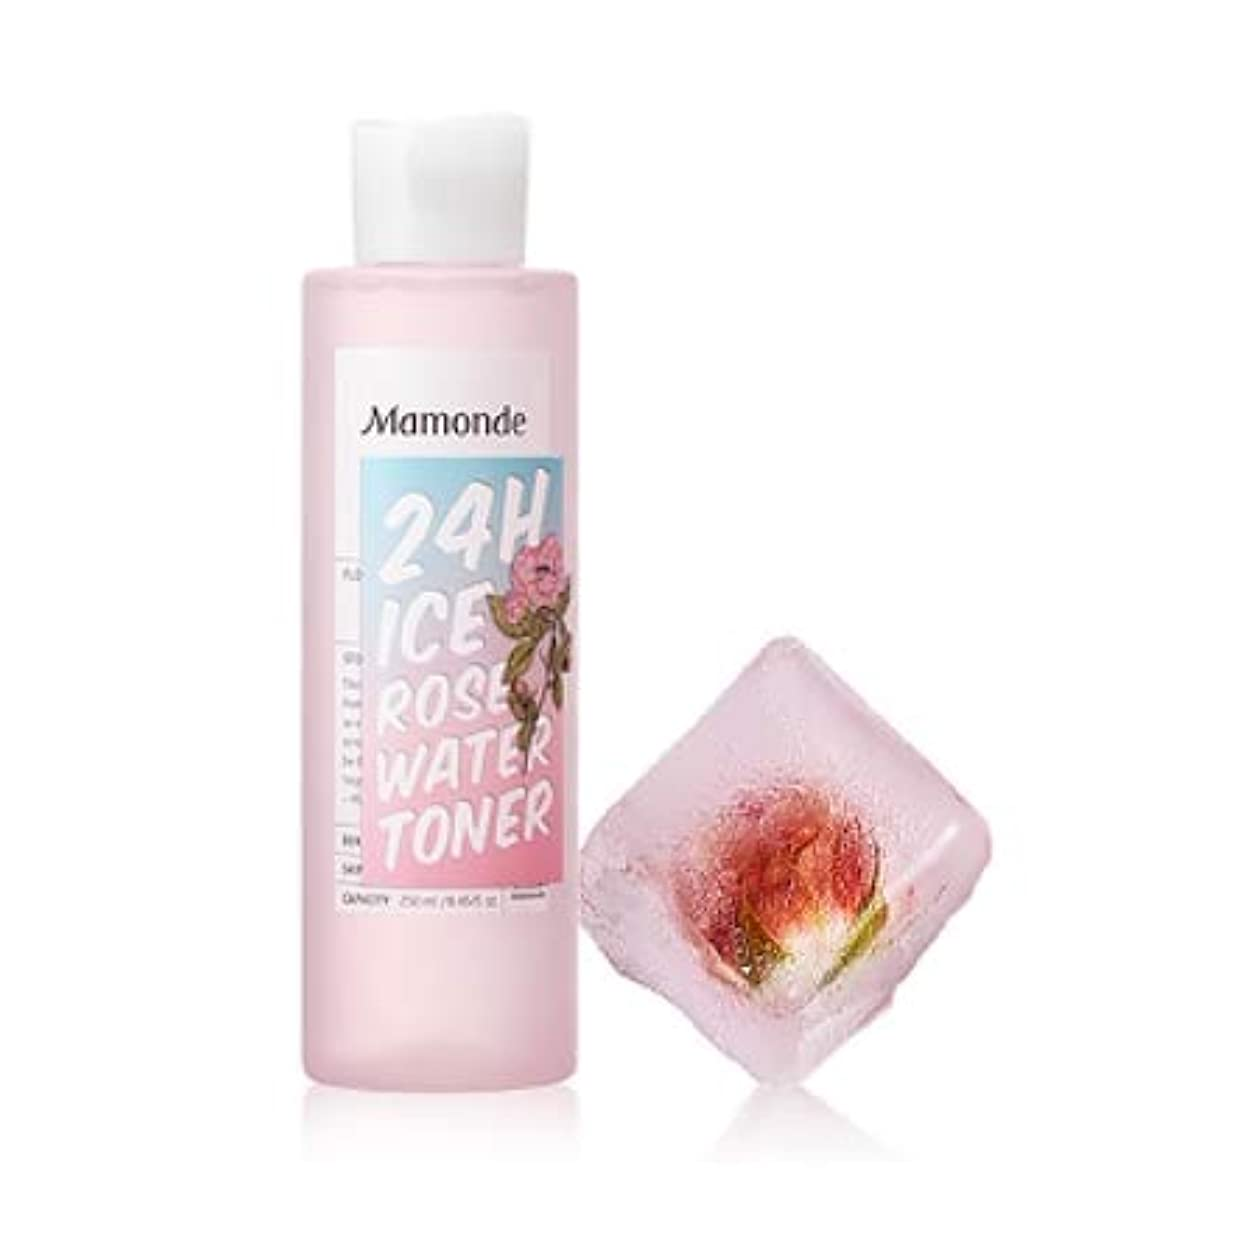 ドキドキパーチナシティ突進【マモンド.mamonde](公式)24Hアイスローズウォータートナー(250ml)(2019.05 new product)/ ice rose water toner